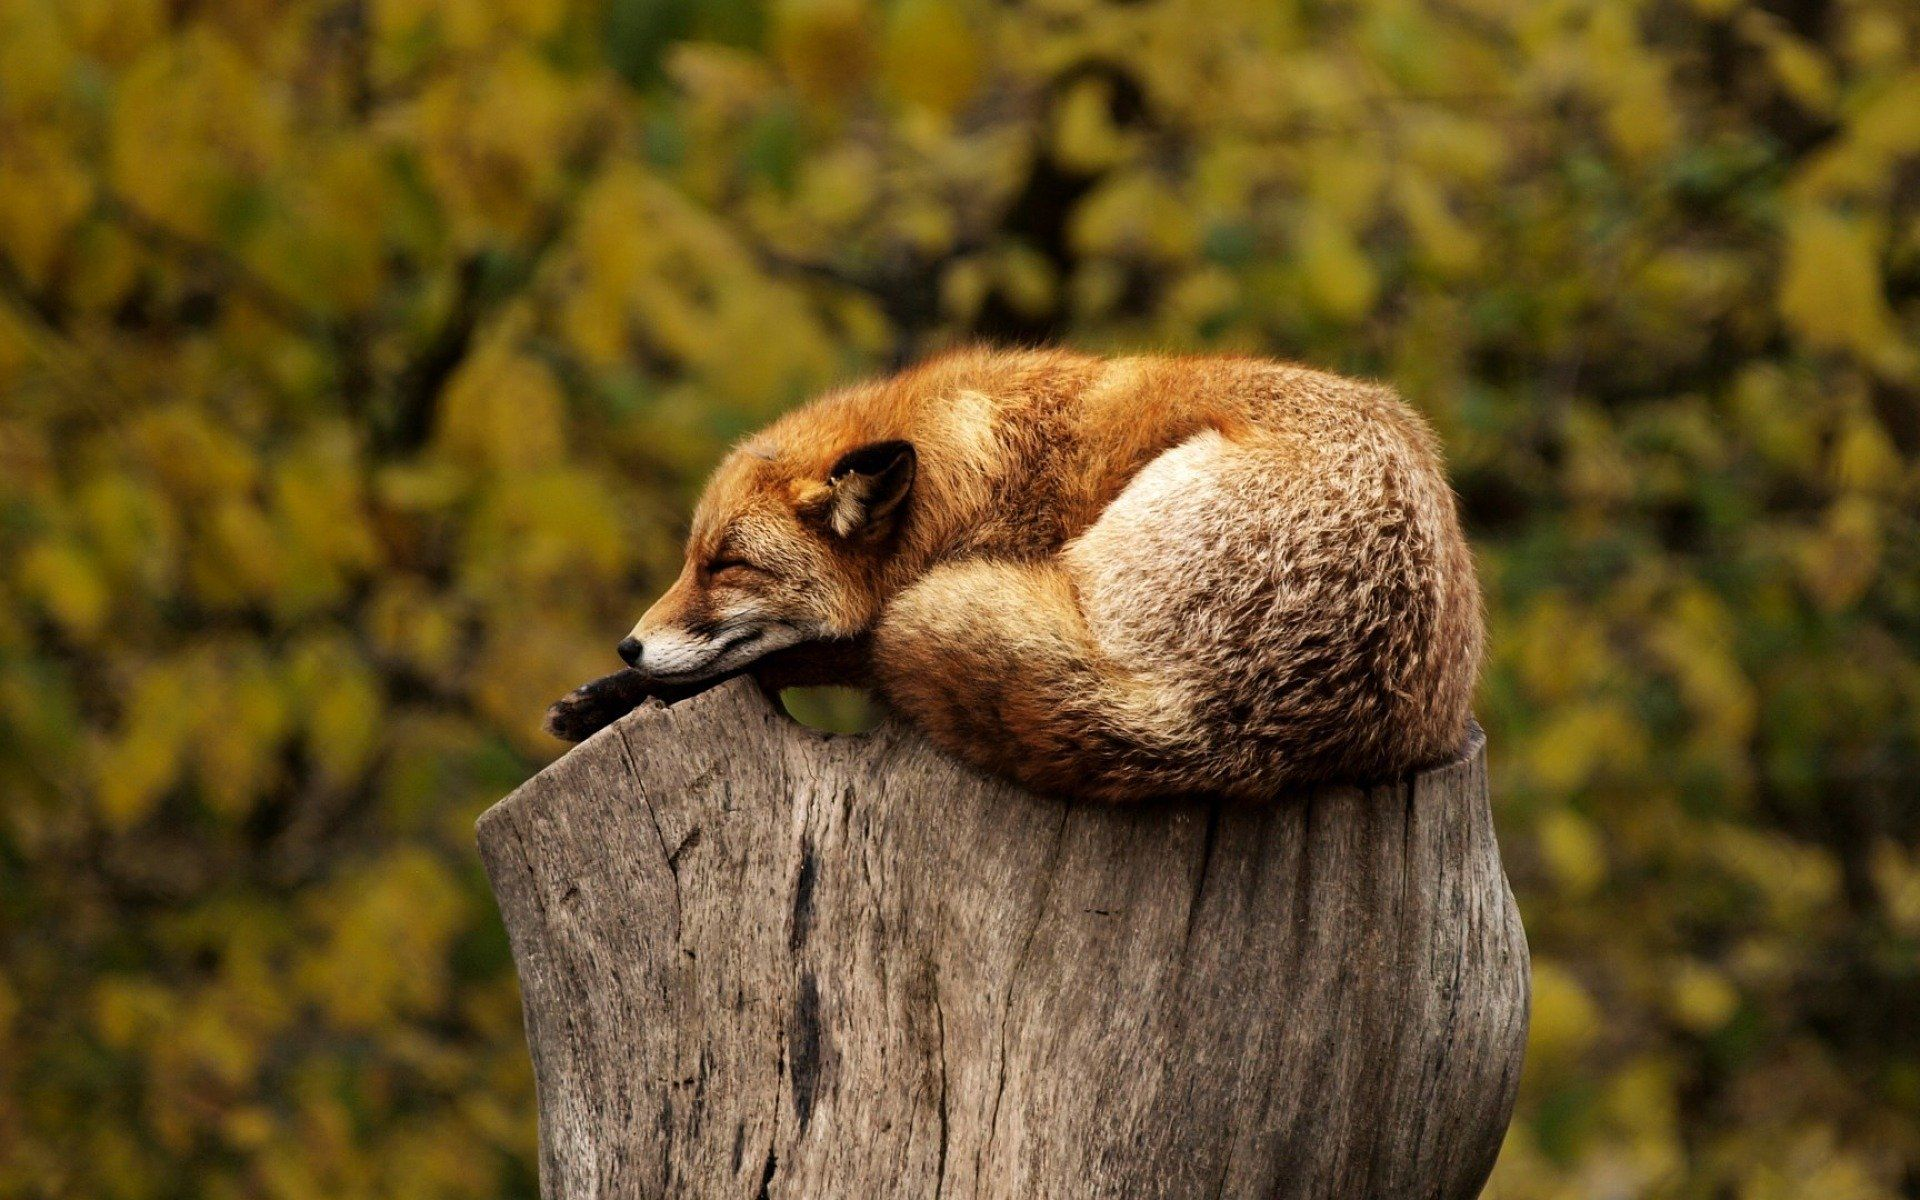 Sleeping fox on a tree